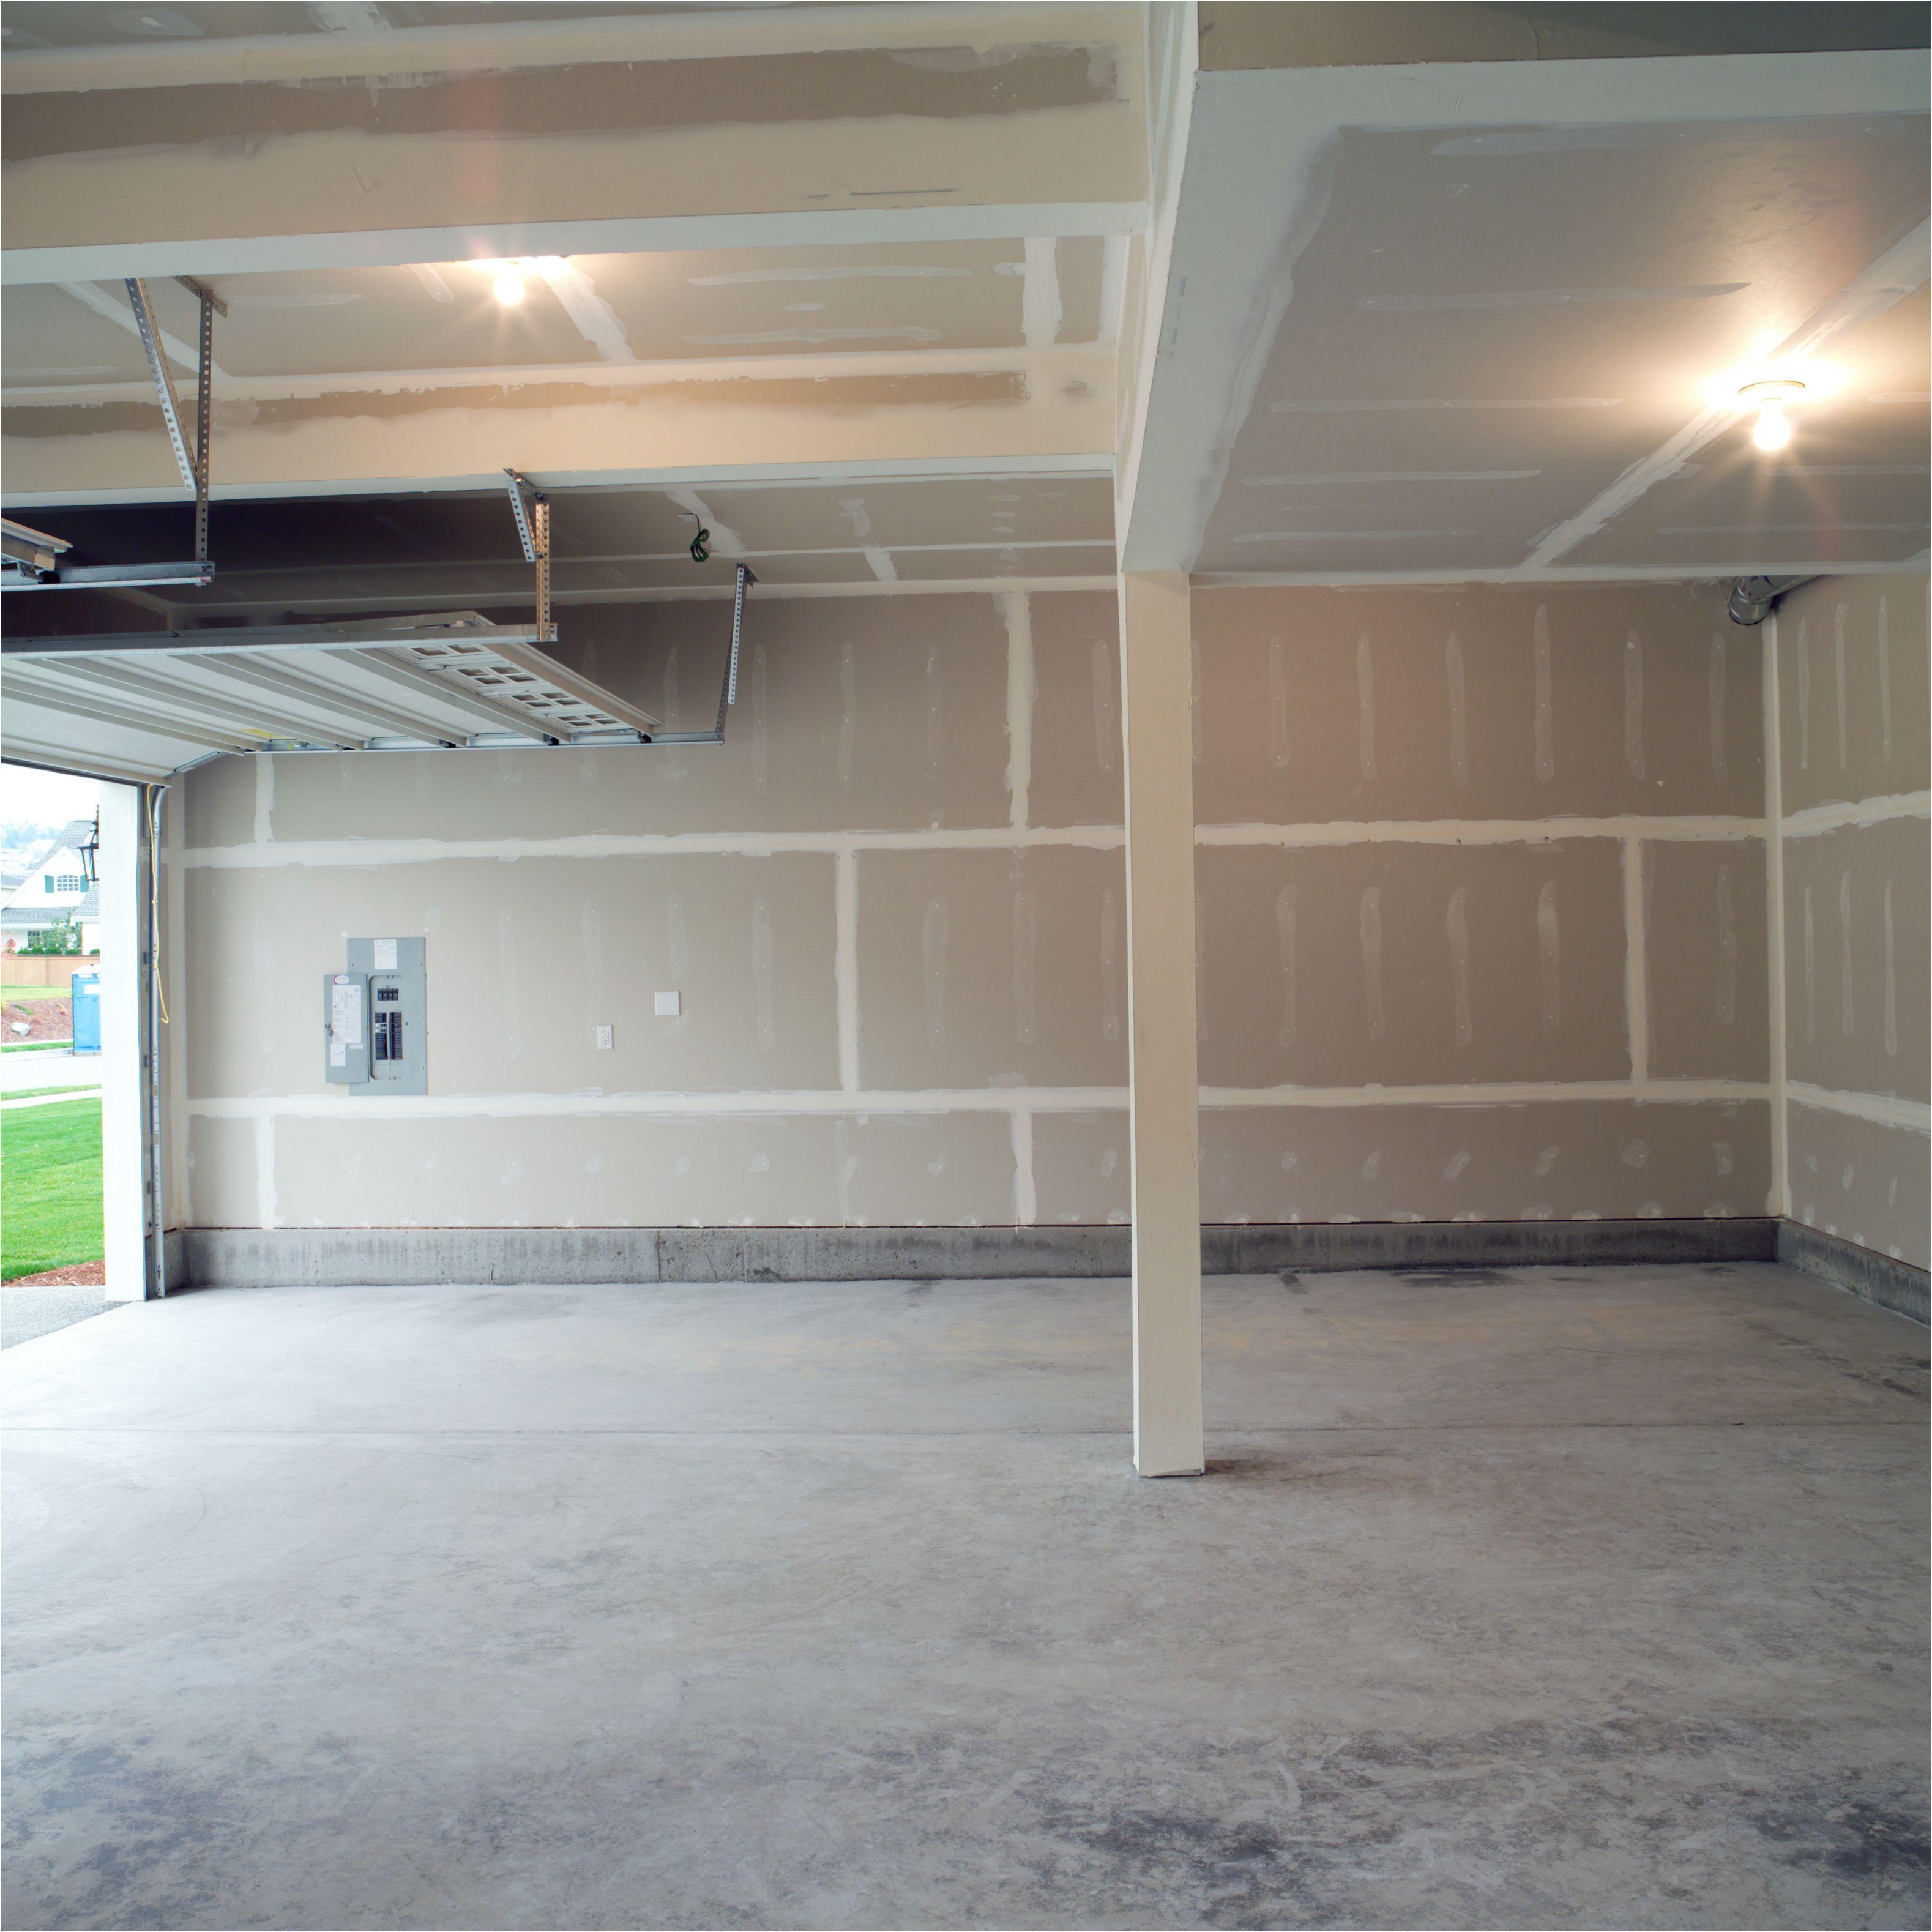 garage interior 200011513 001 56a49d5b5f9b58b7d0d7d8c7 jpg